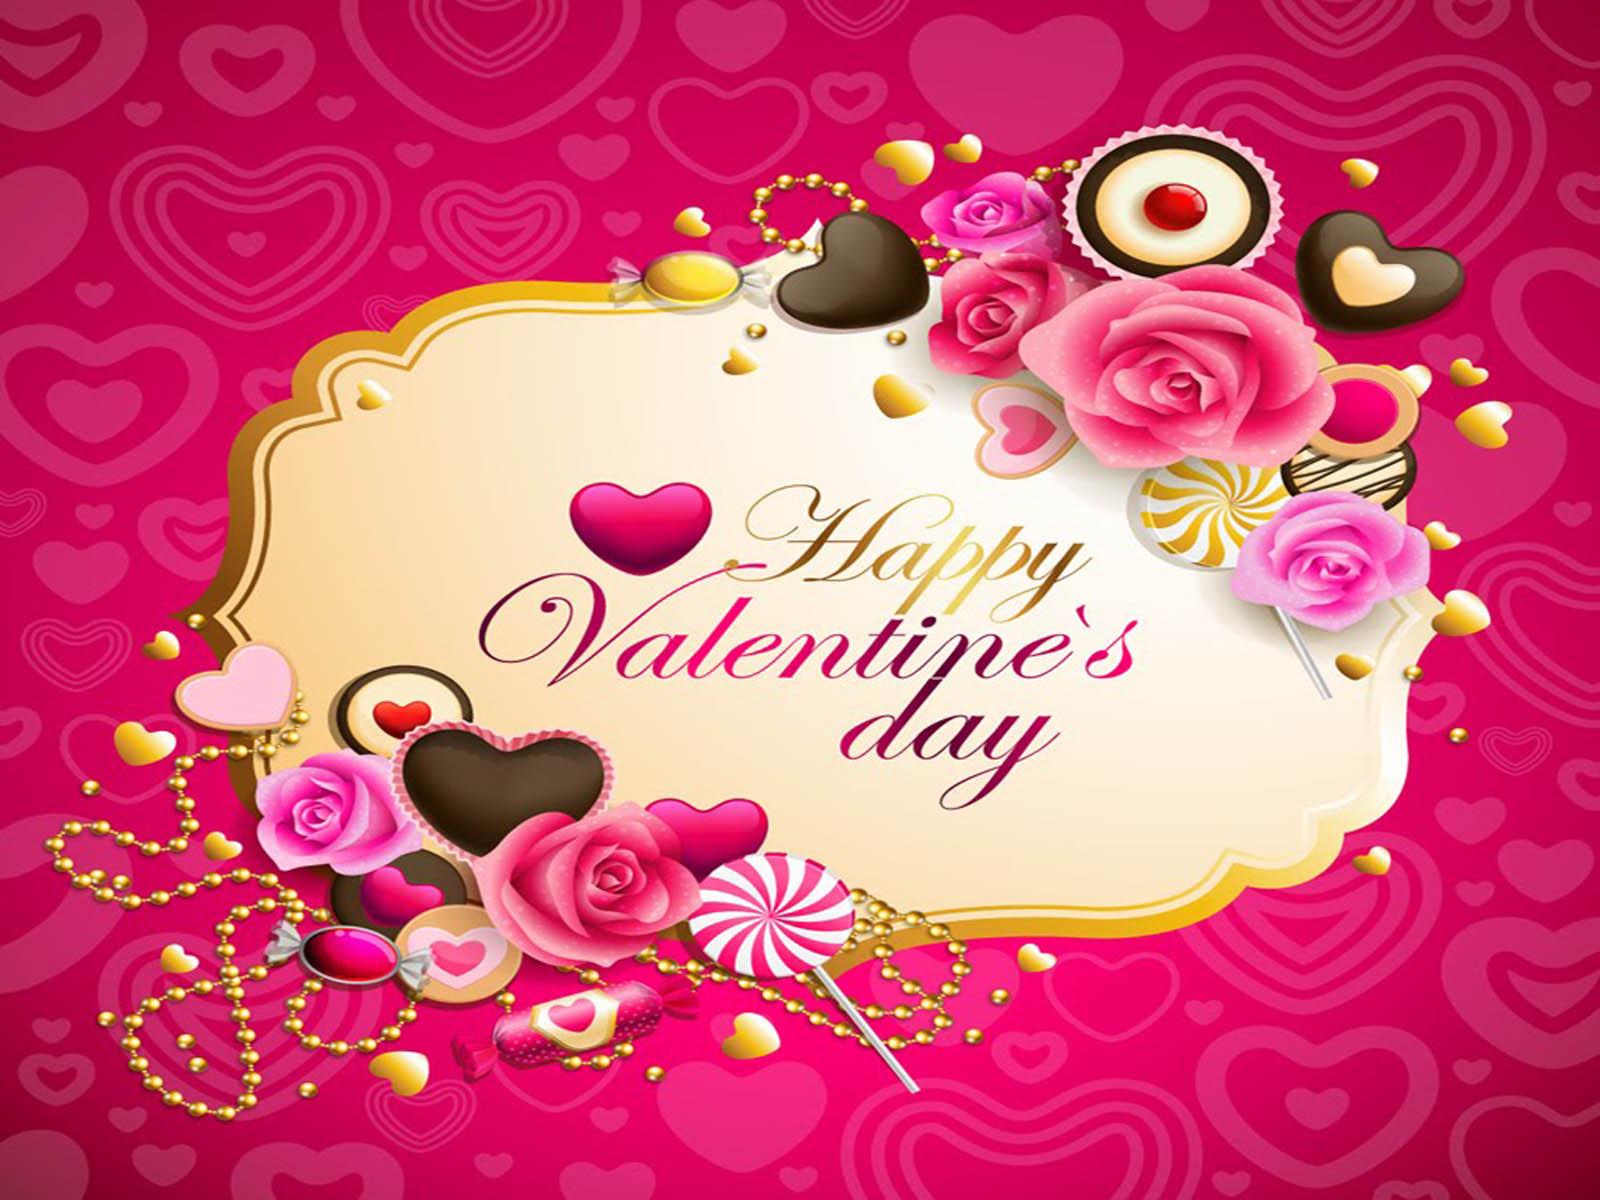 wallpapers Valentines Day Desktop Wallpapers 2013 1600x1200